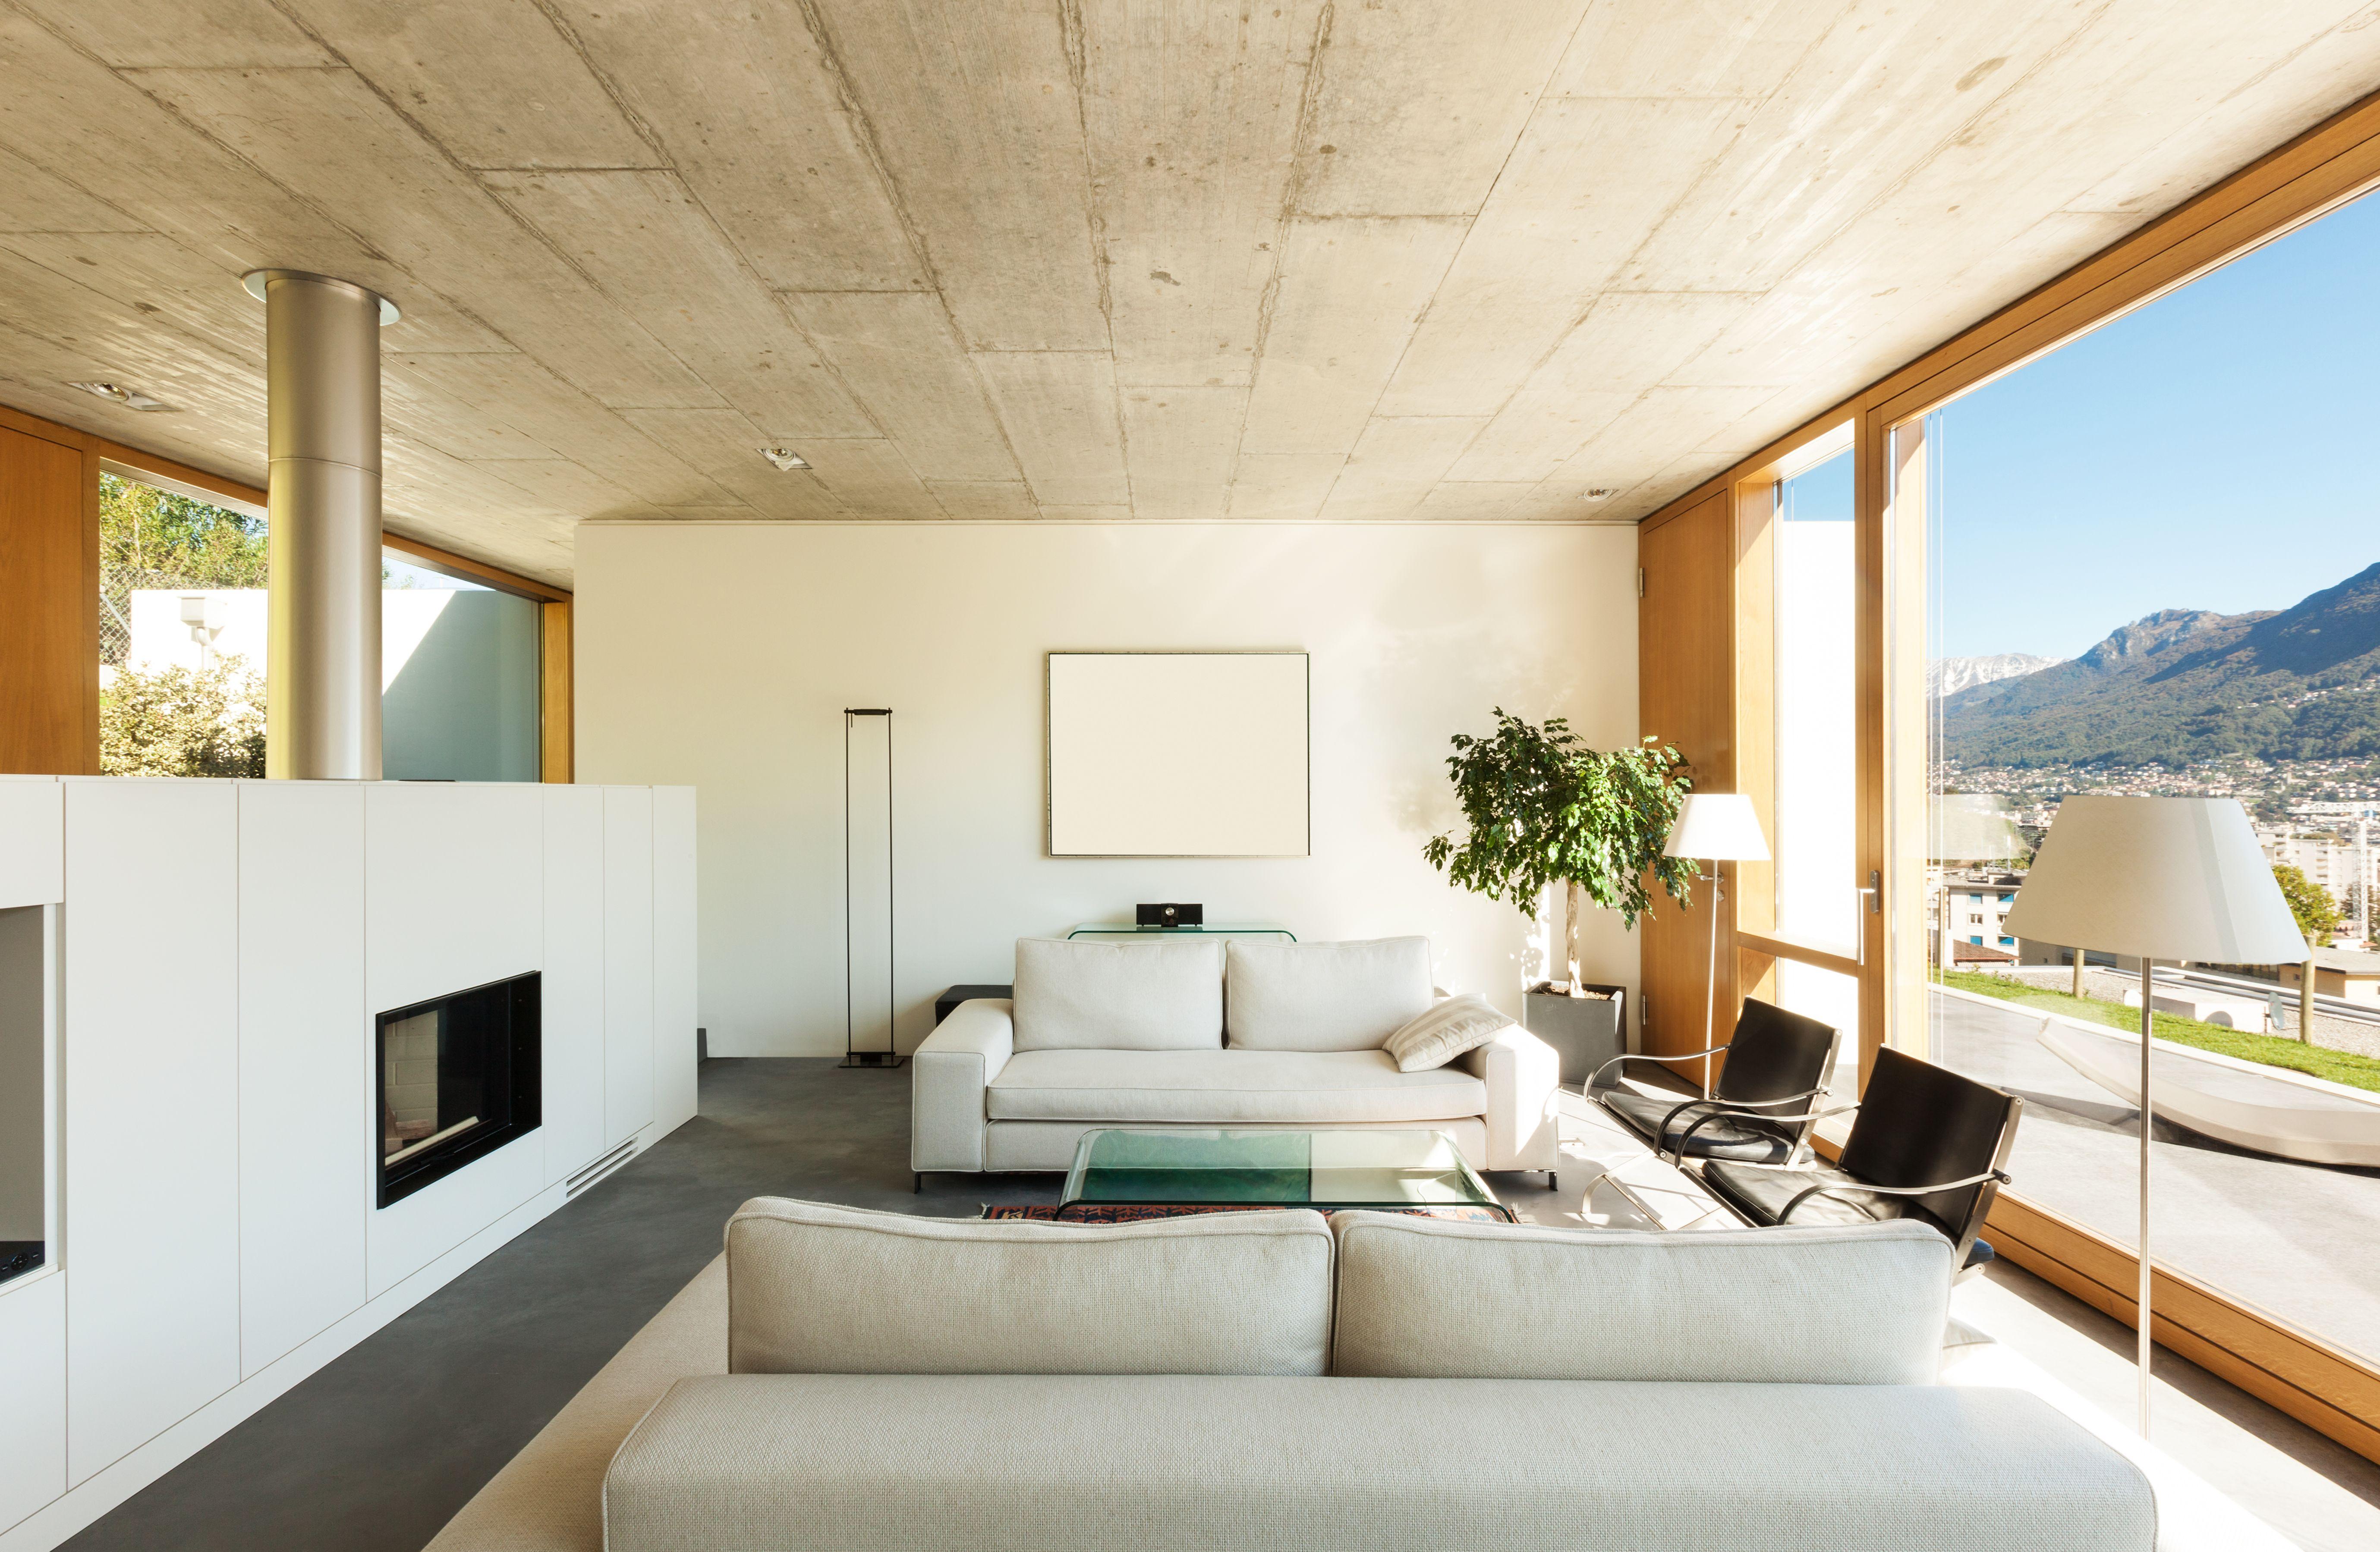 Interieur modern huis architectuur en design woningen